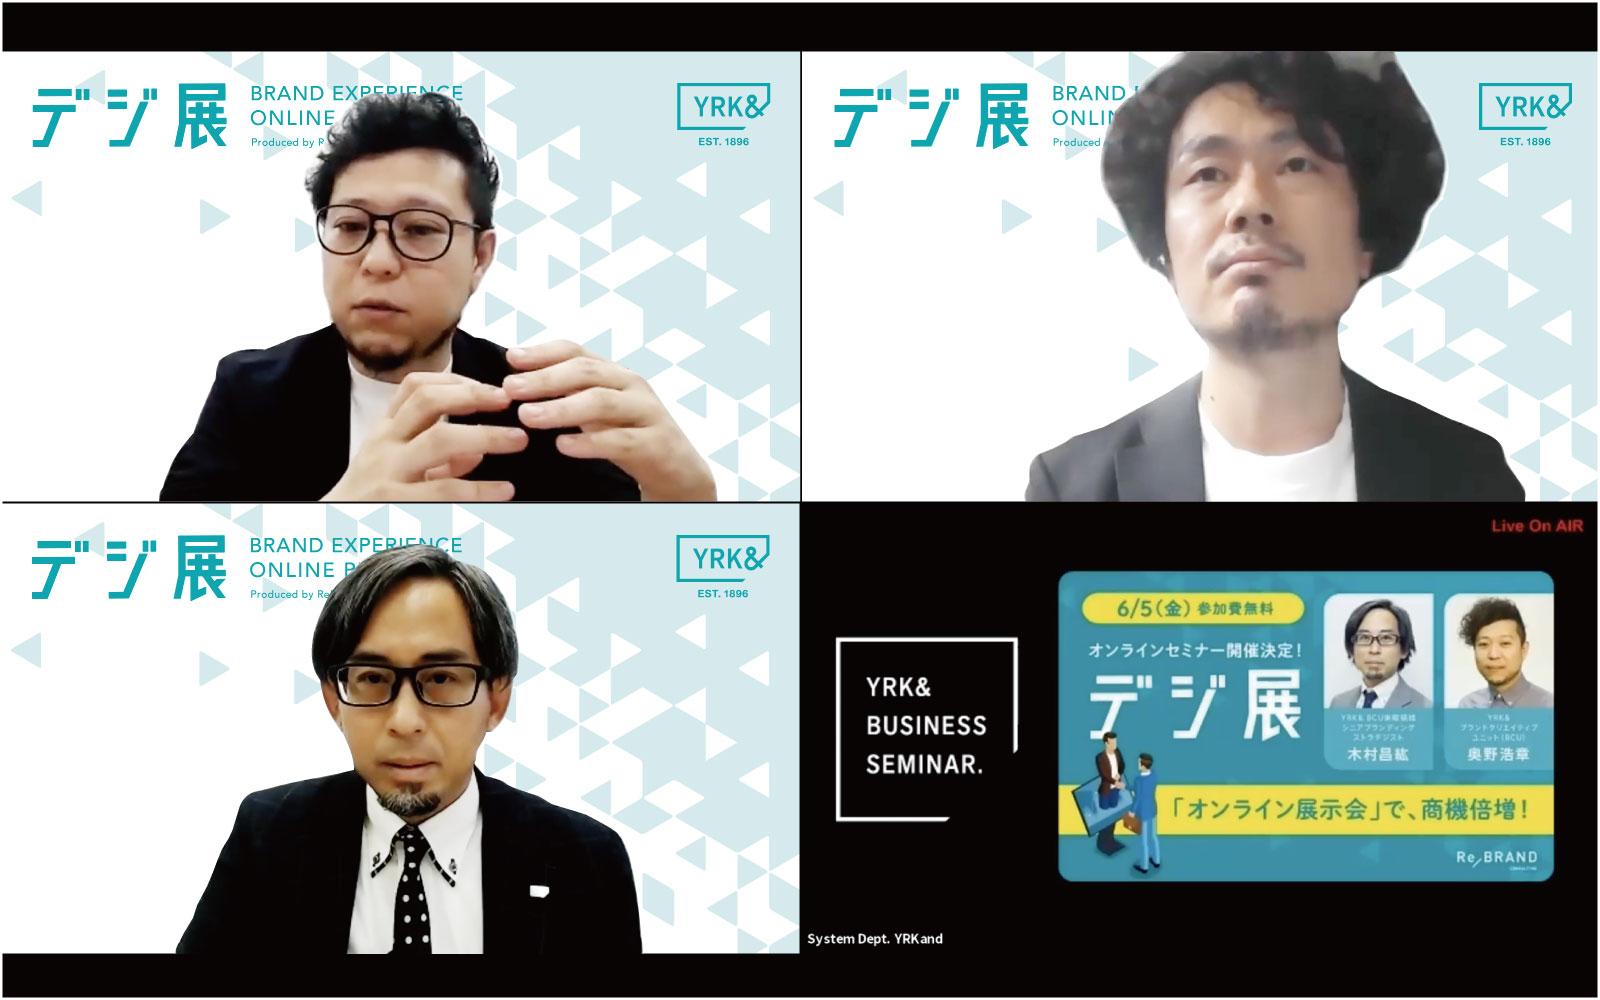 「デジ展」オンライン展示会で、商機倍増!【第二部】 セミナーイメージ3